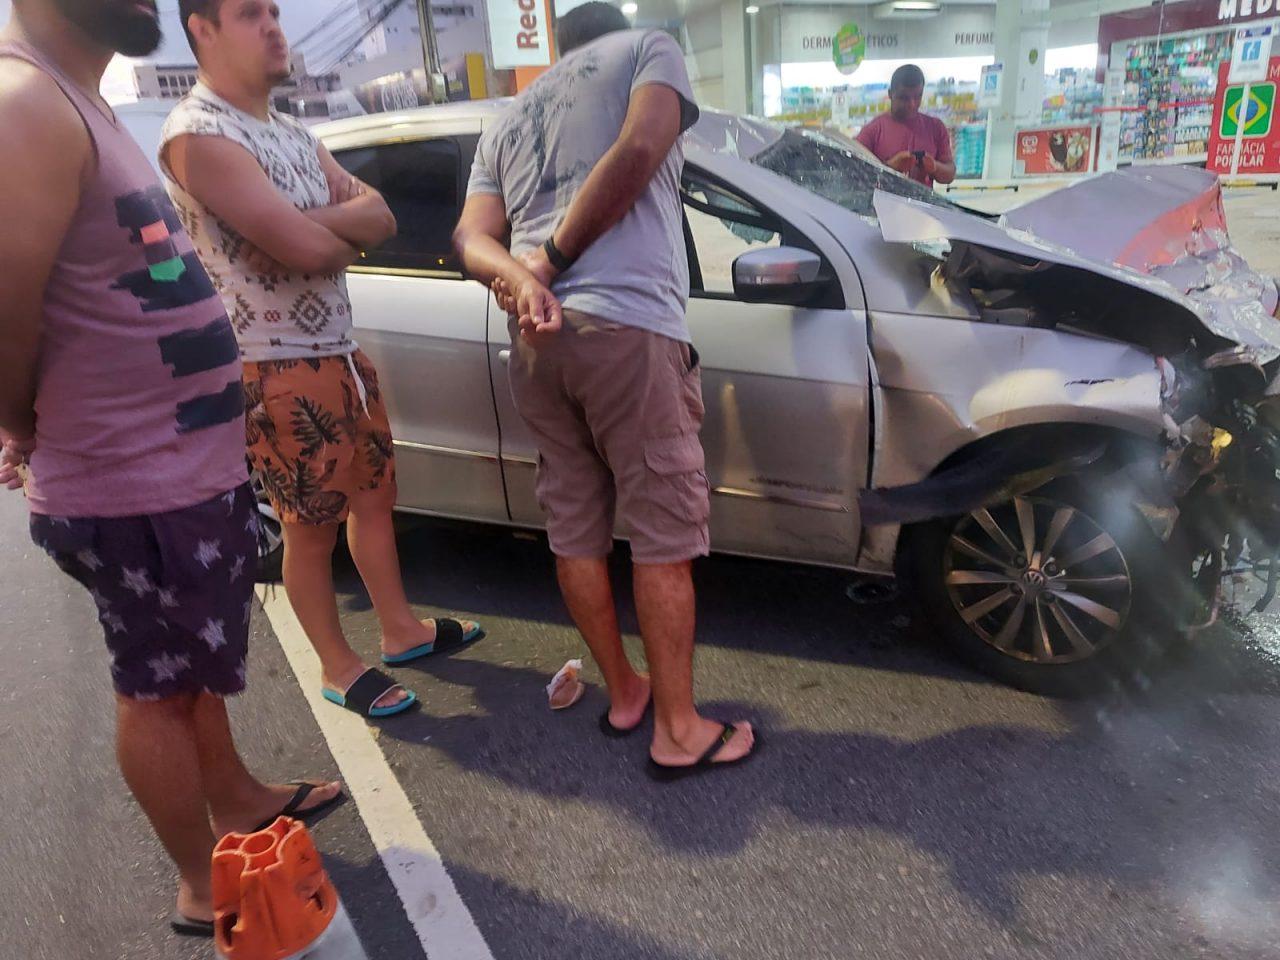 """WhatsApp Image 2021 09 11 at 08.17.16 1 scaled - TRAGÉDIA! Motoboy morre em acidente envolvendo carro em João Pessoa, e amigos acusam motorista: """"Estava embriagado"""" - VEJA VÍDEO"""